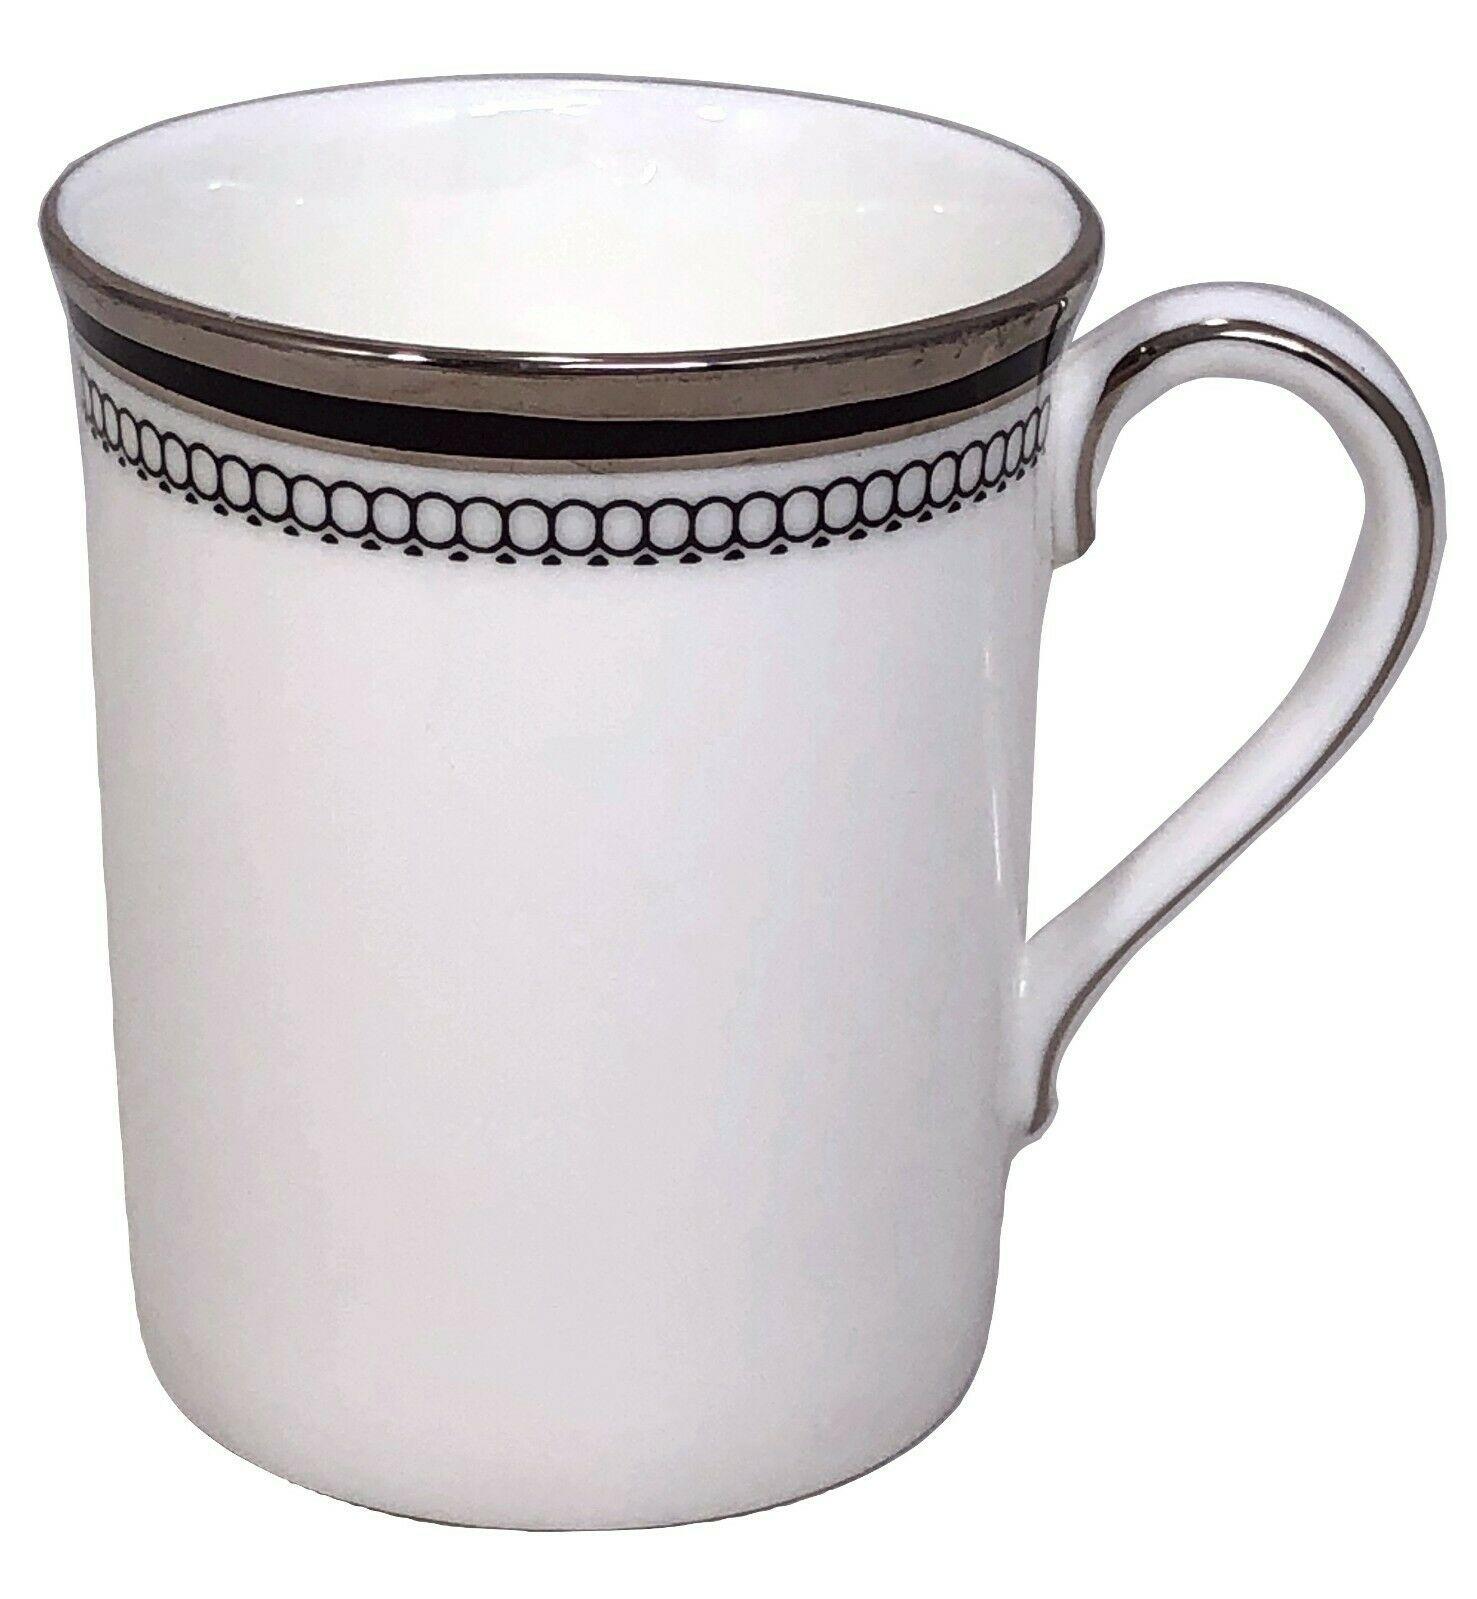 Royal Doulton Sarabande Demitasse Cup 3.5oz - $14.85